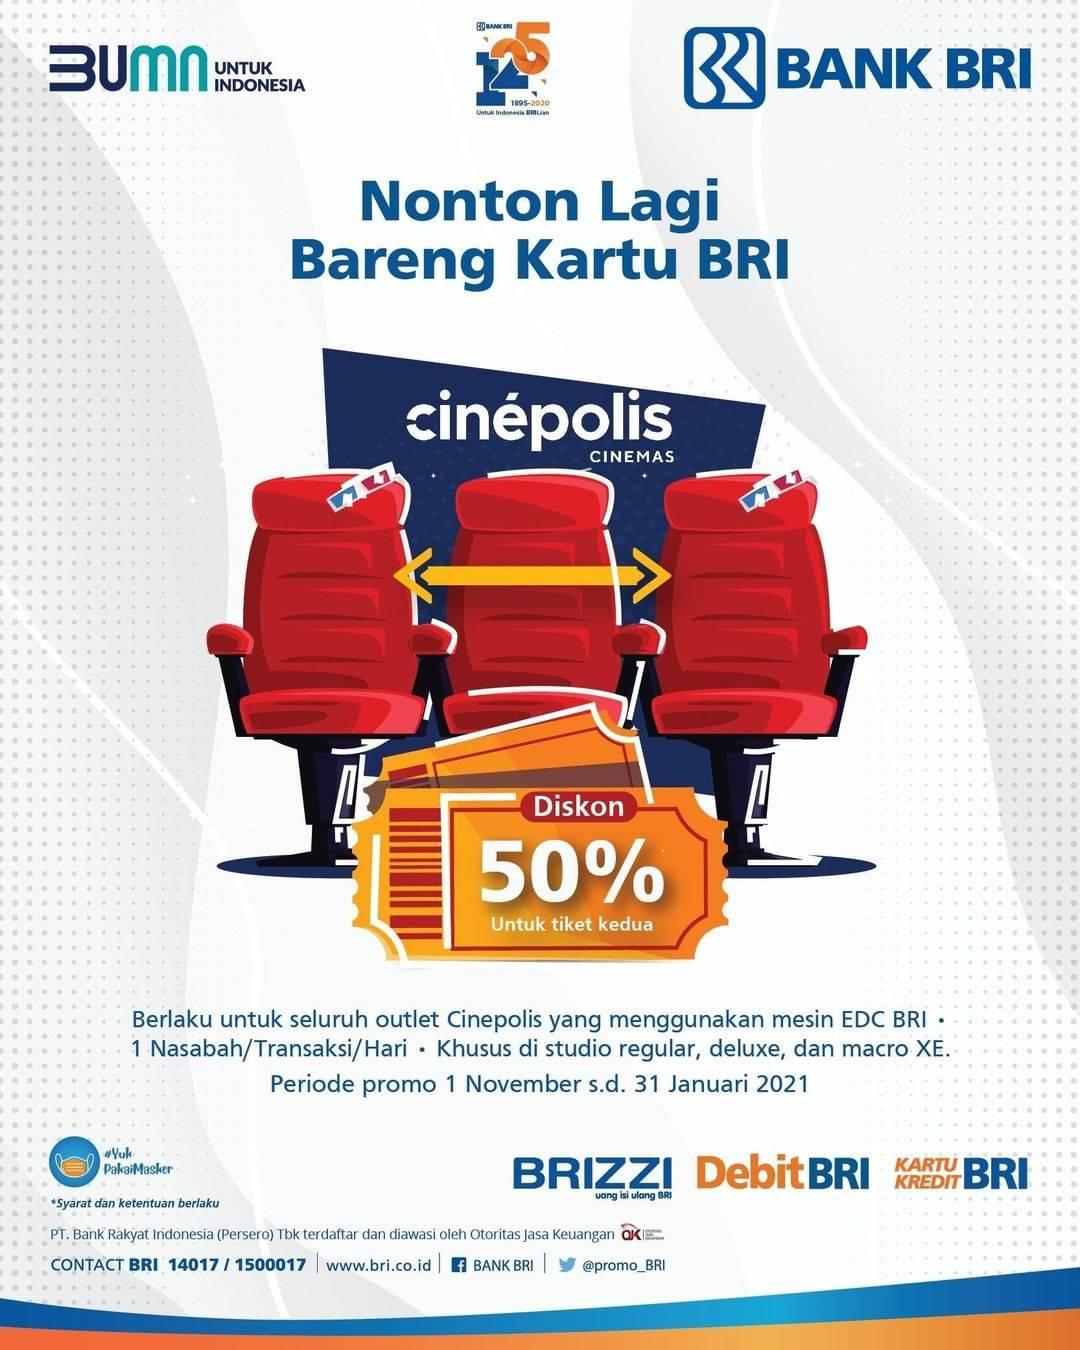 Diskon Cinepolis Diskon 50% Bareng Kartu Bank BRI